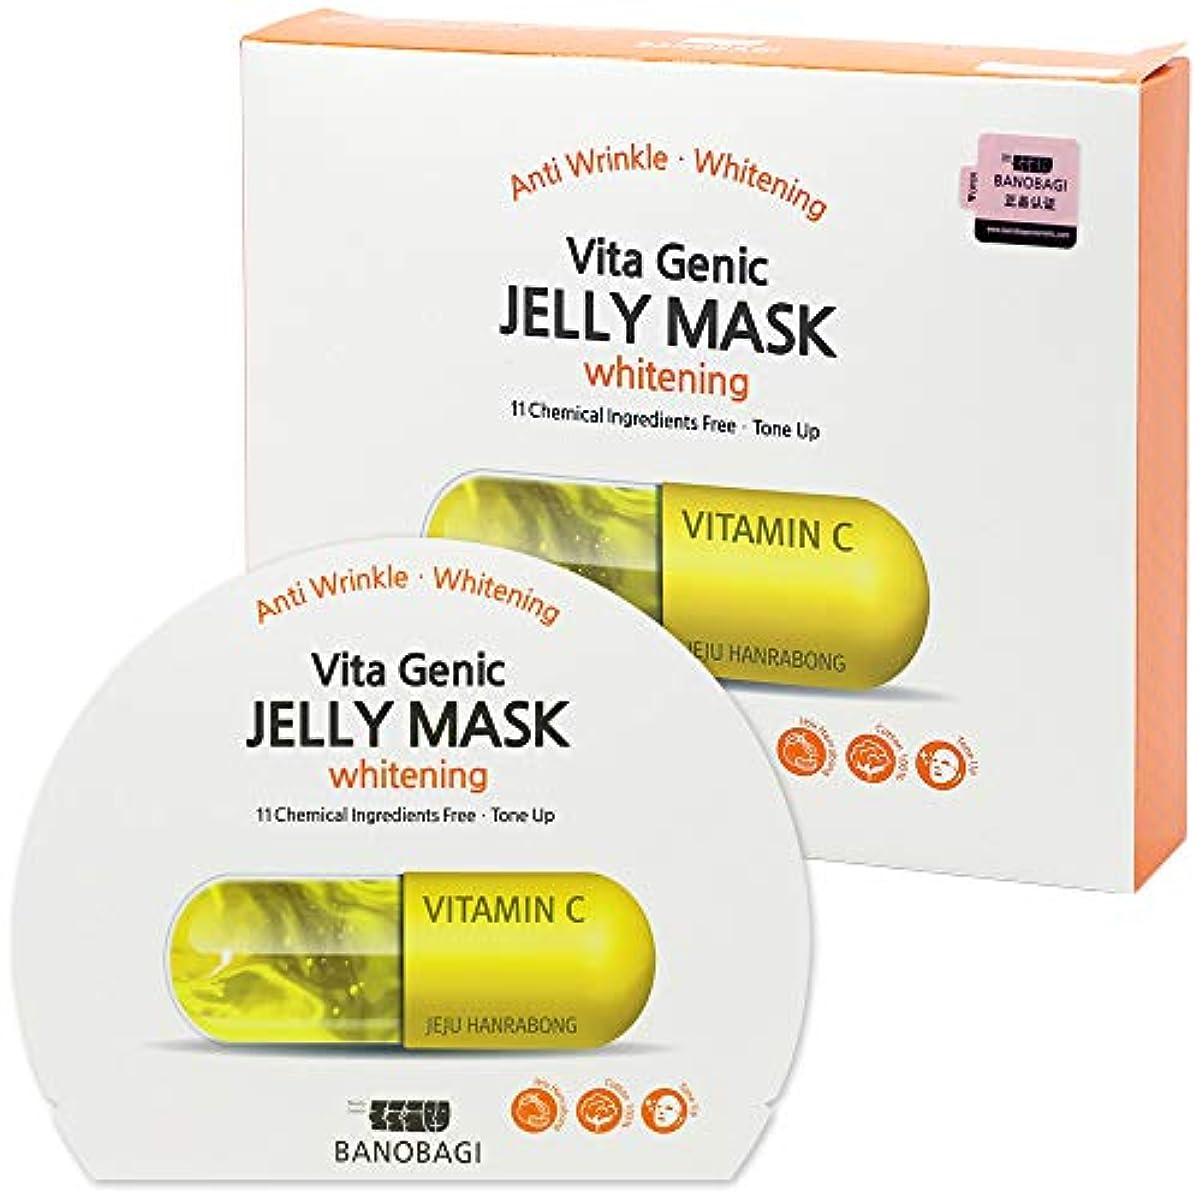 無意識聡明危険を冒しますバナバギ[BANOBAGI] ヴィータジェニックゼリーマスク★ホワイトニング(黄色)30mlx10P / Vita Genic Jelly Mask (Whitening-Yellow)